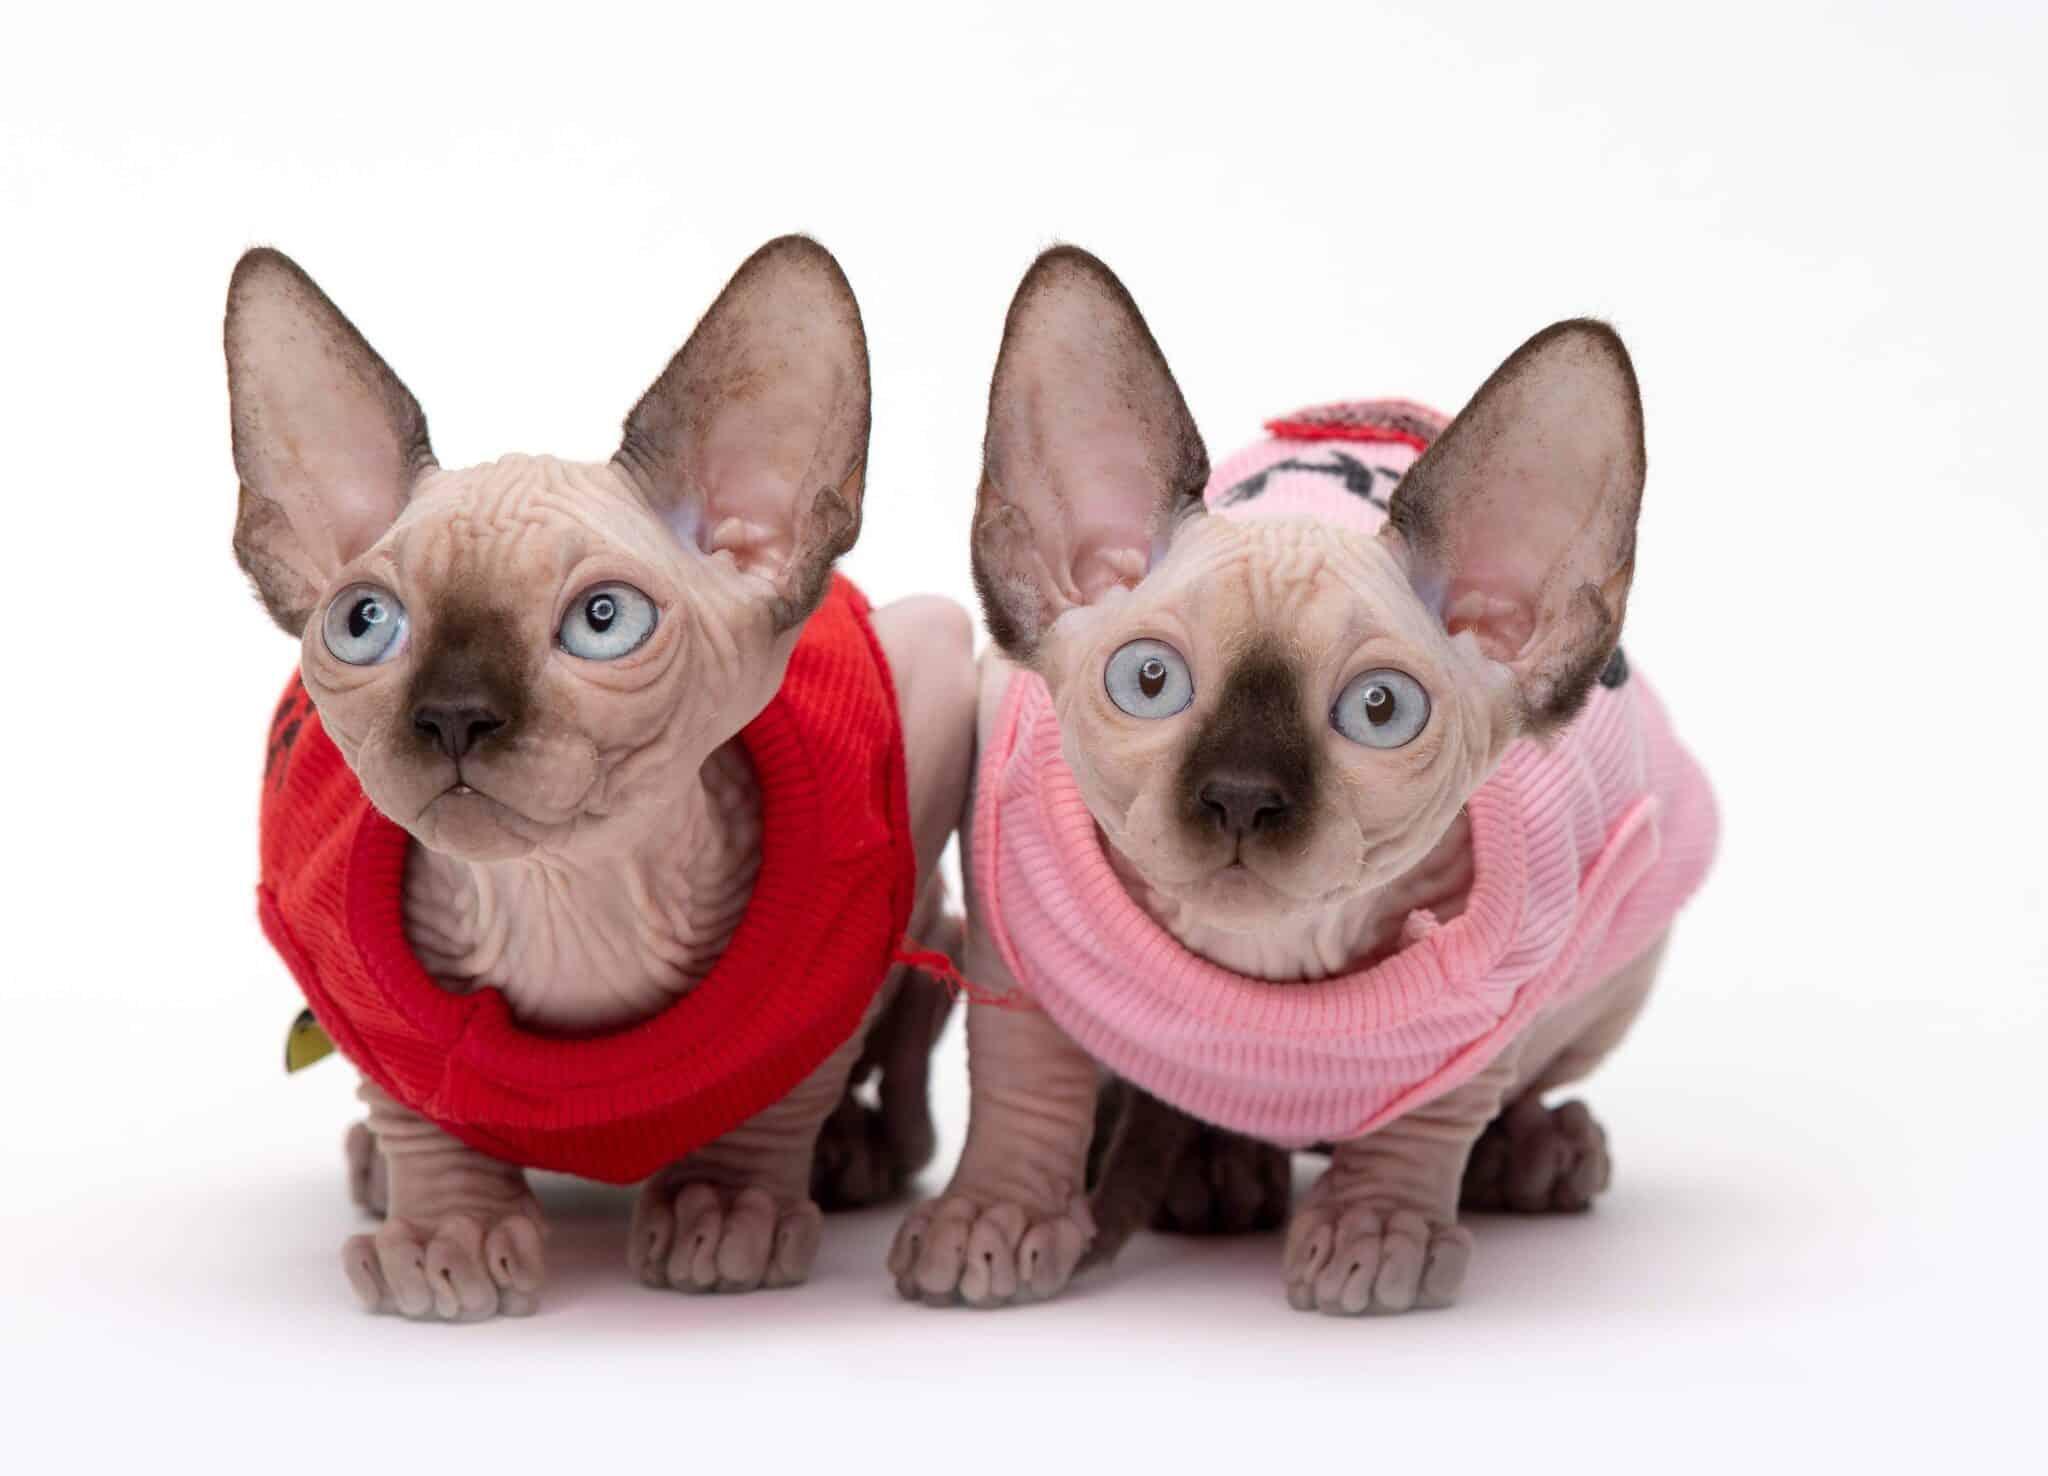 בית גידול לחתולי ספינקס קנדי ובמבינו – Fantastic Paradise